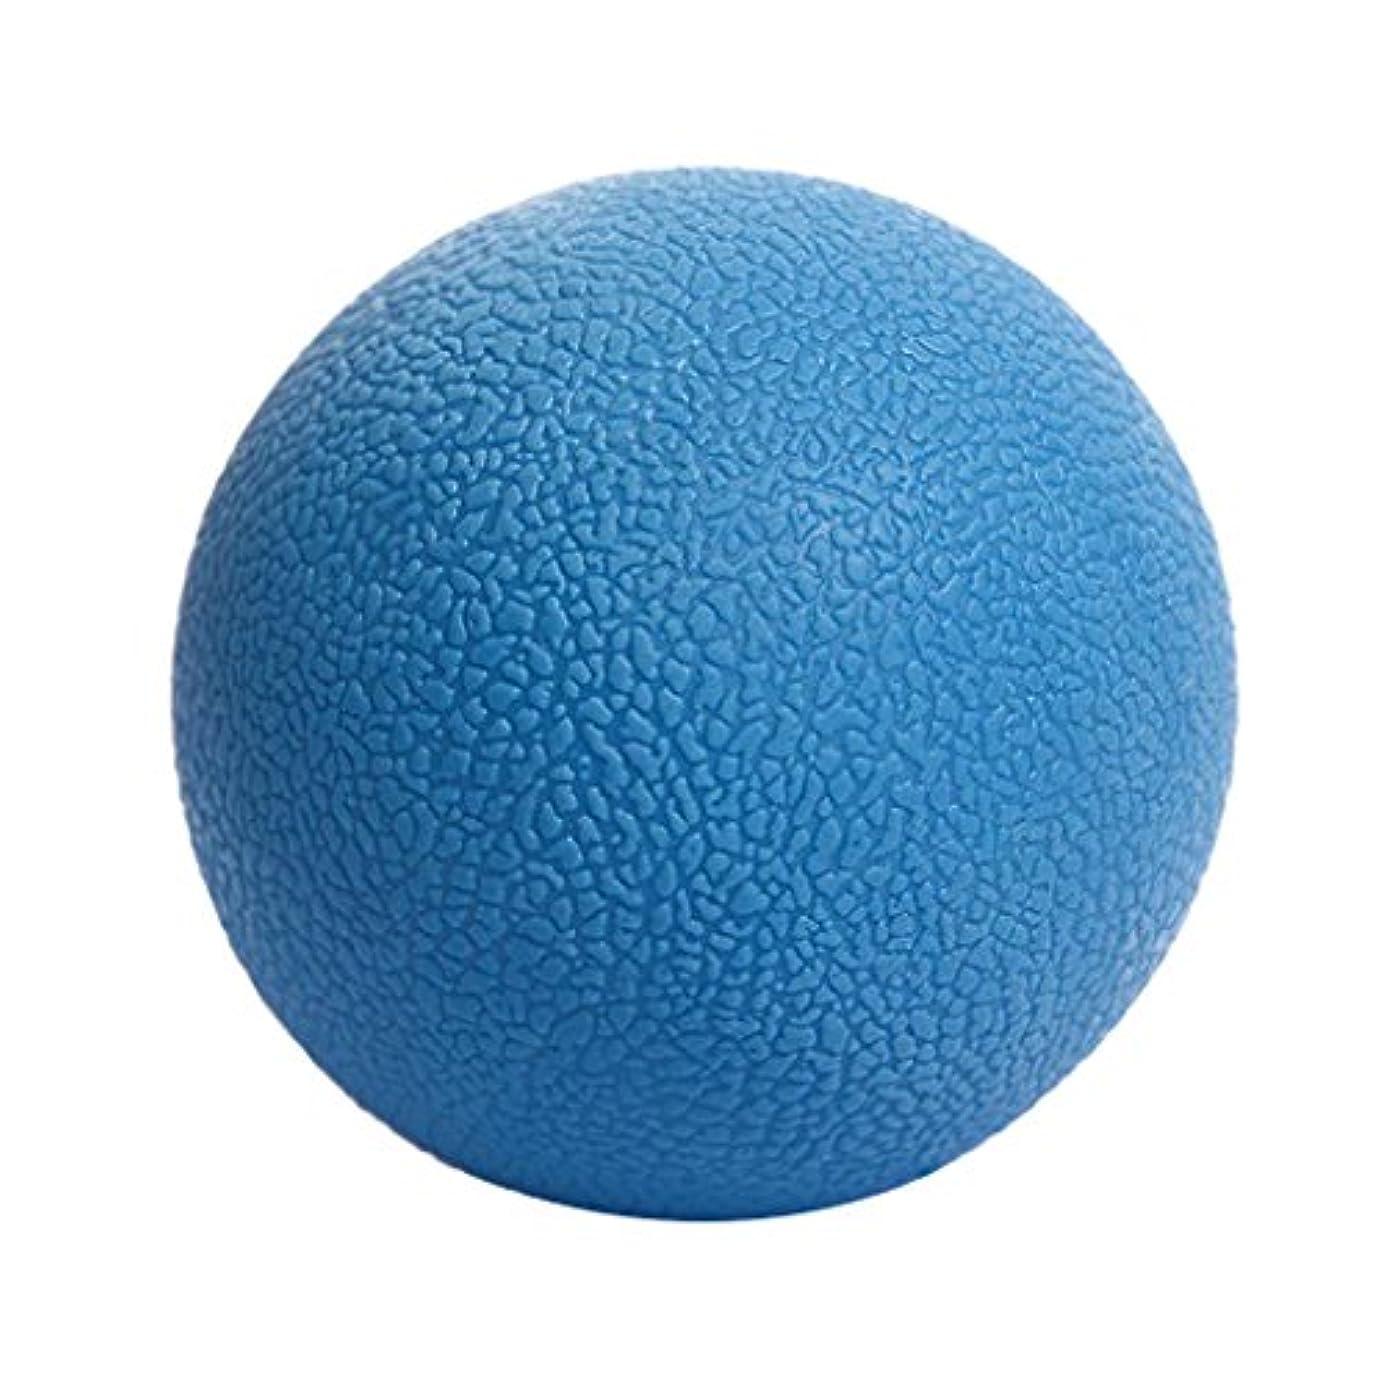 序文ビスケットペフマッサージボール ボディーマッサージ 便利 TPE ヨガ ピラティス 4色選べる - 青, 説明したように